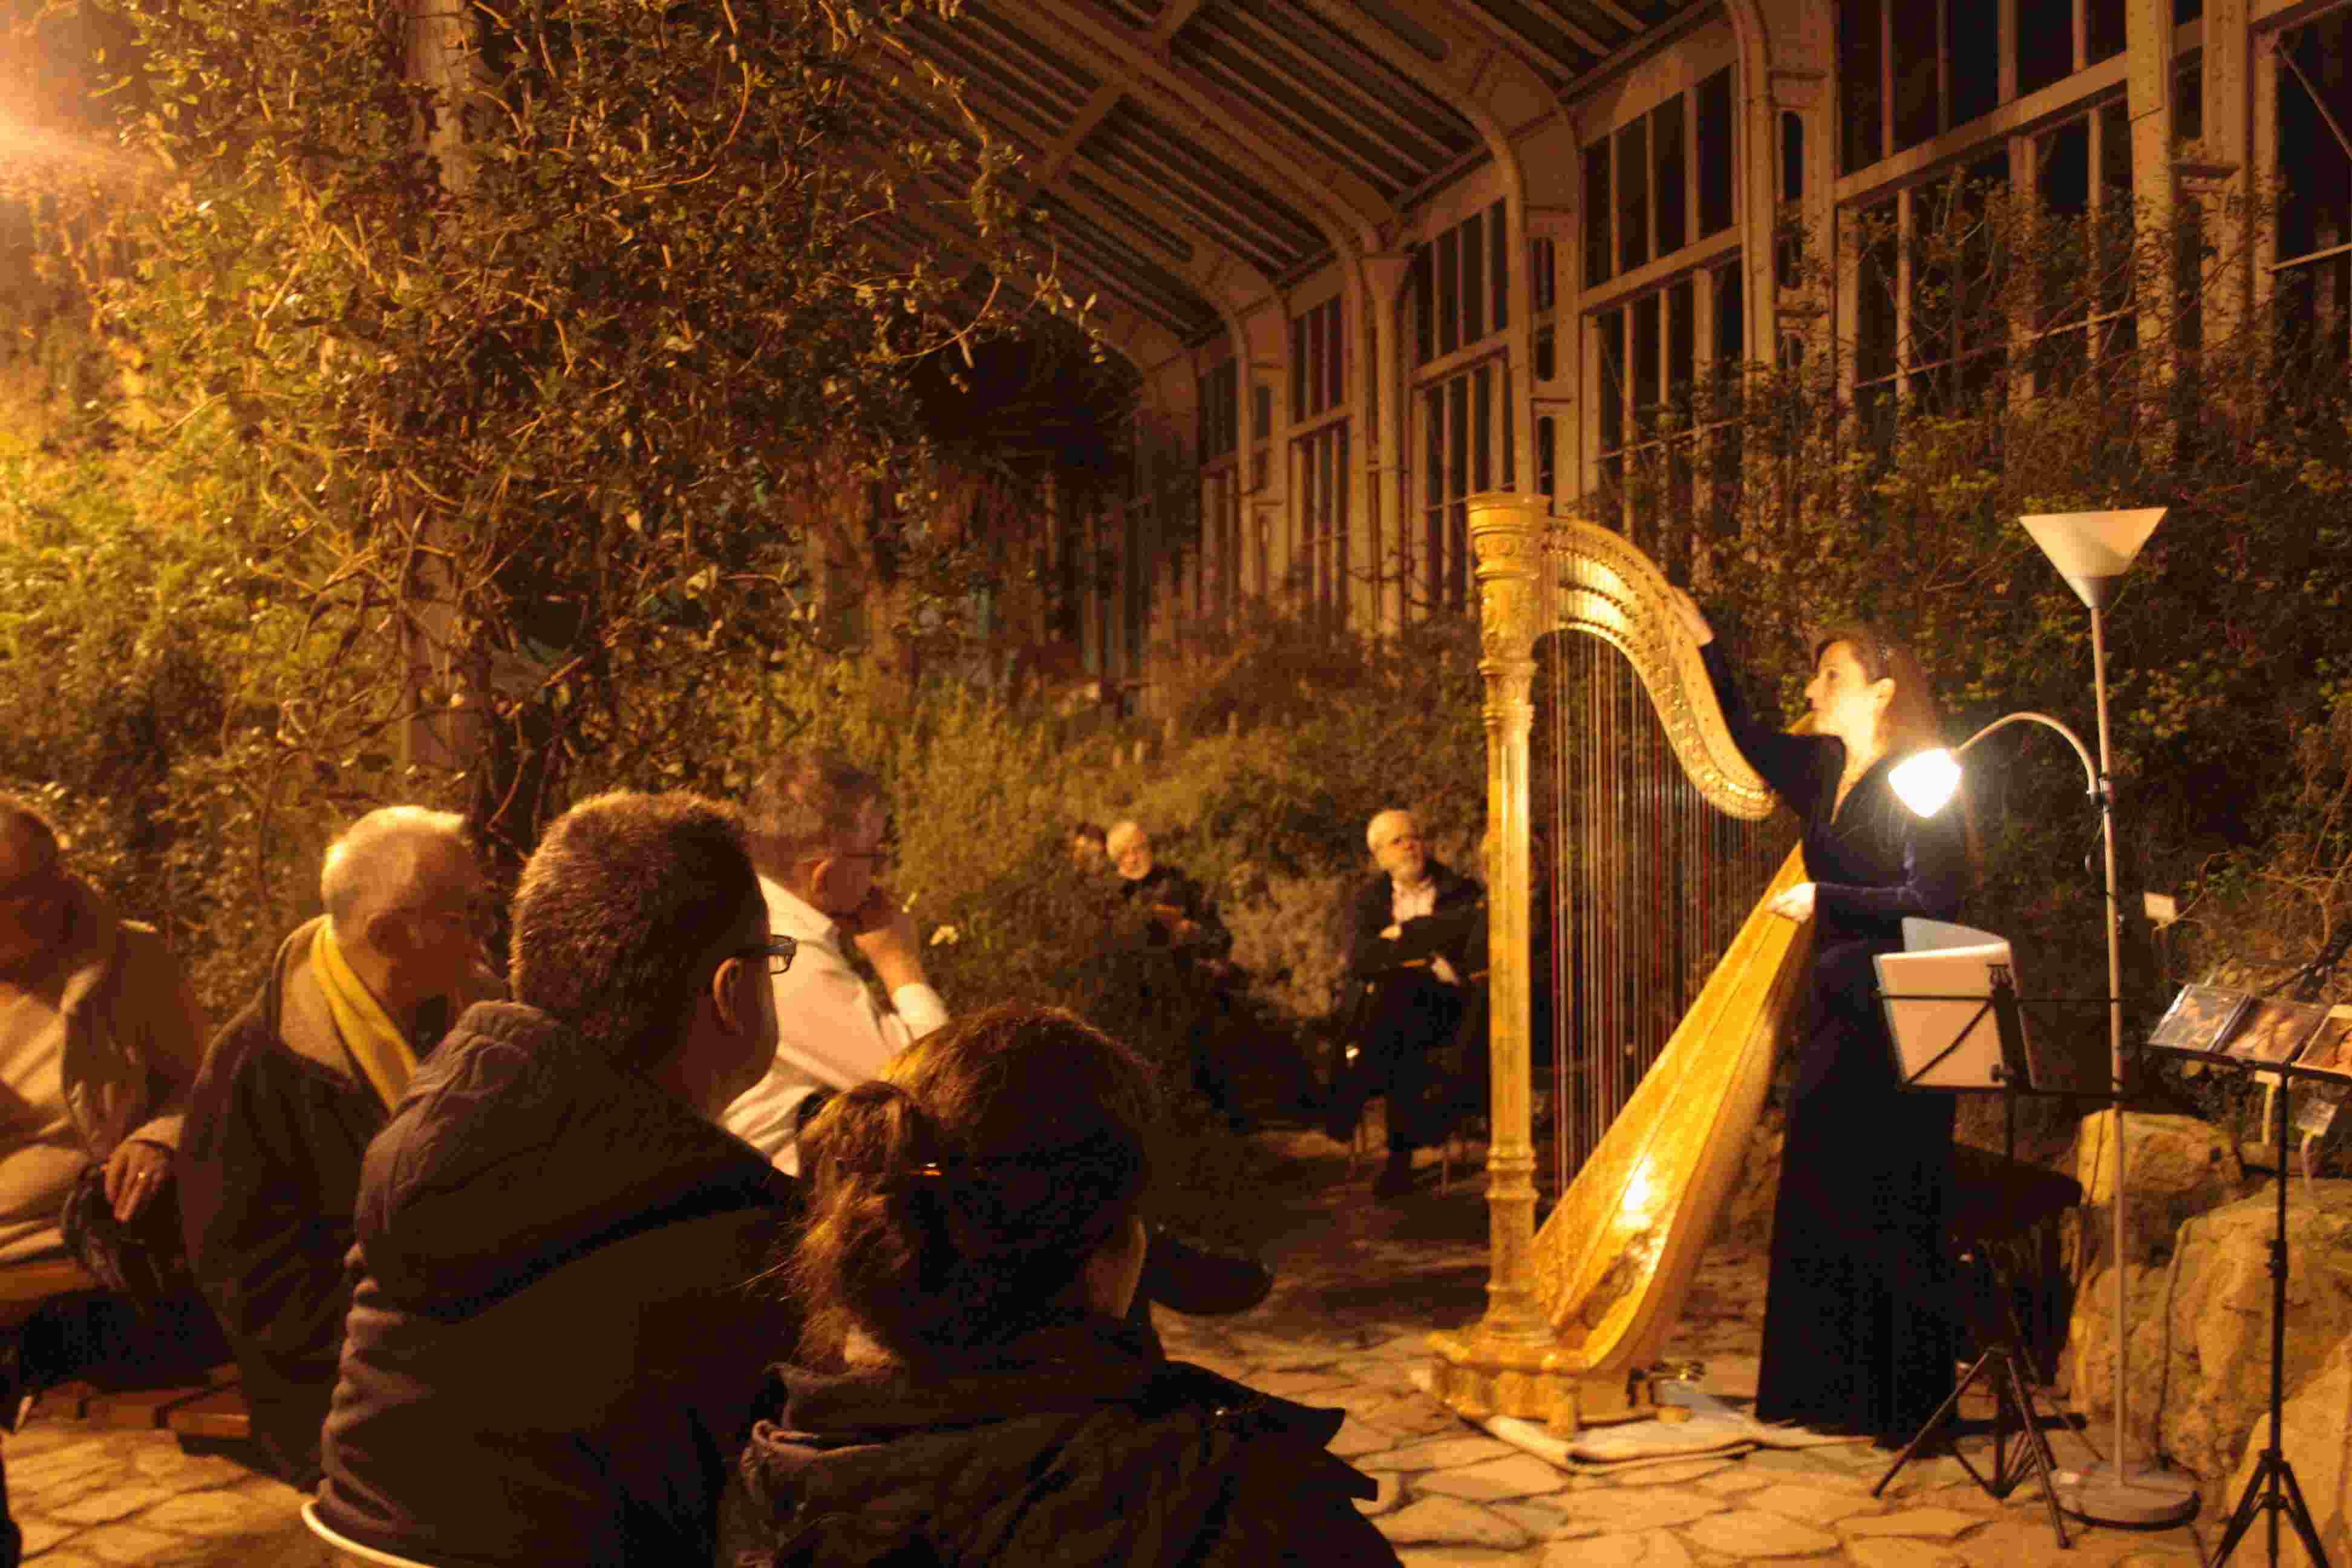 Sinfonie unter Palmen im Botanischen Garten